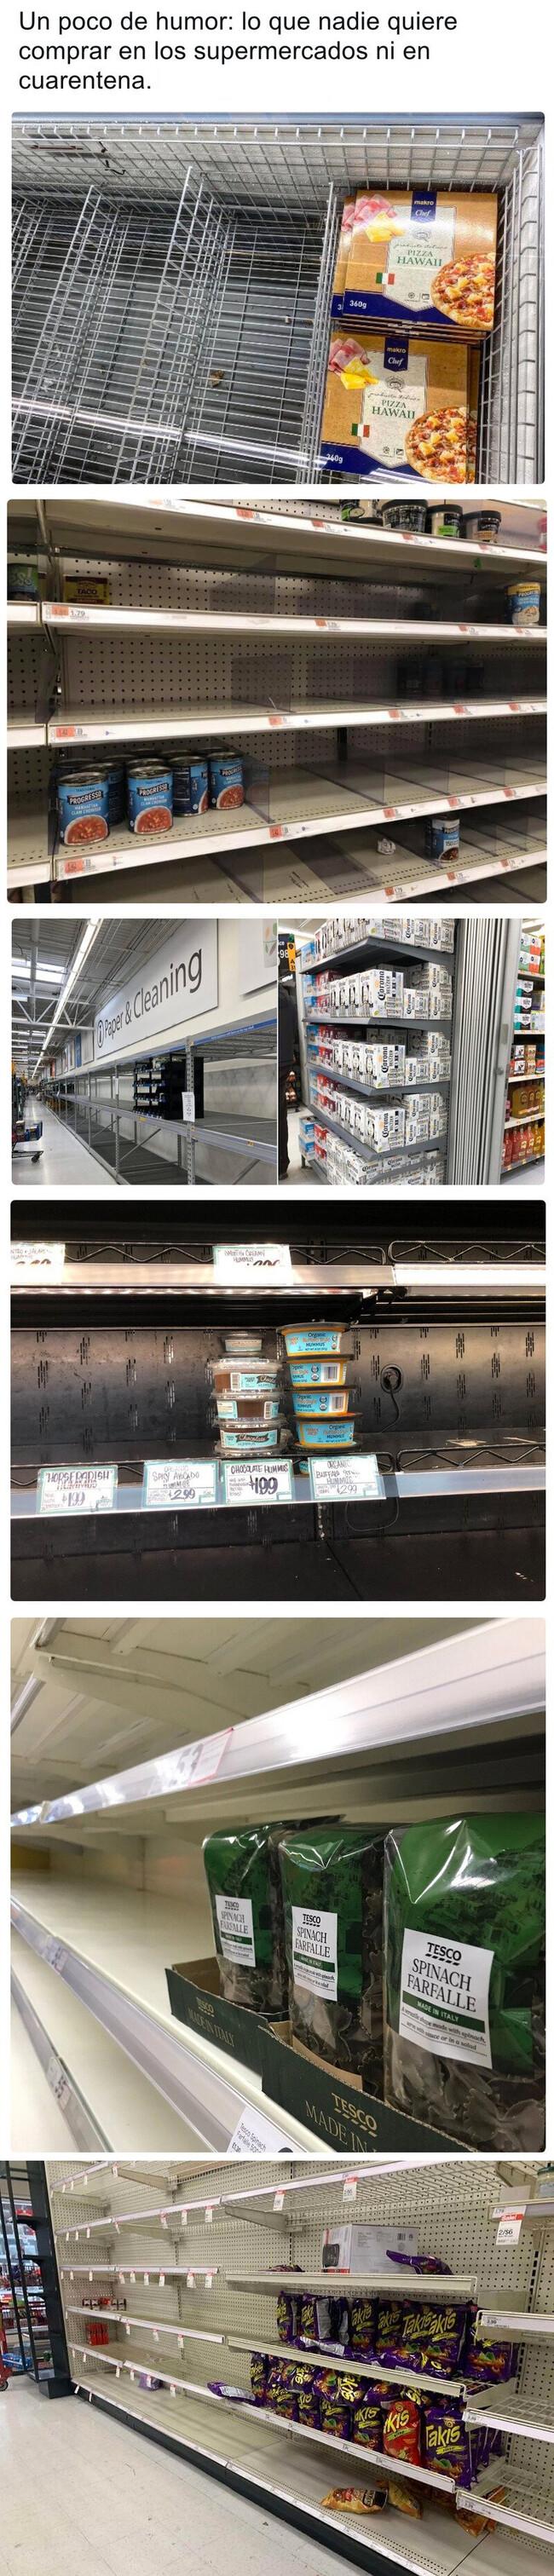 6802 - Los productos de supermercado que nadie quiere ni en cuarentena alrededor del mundo